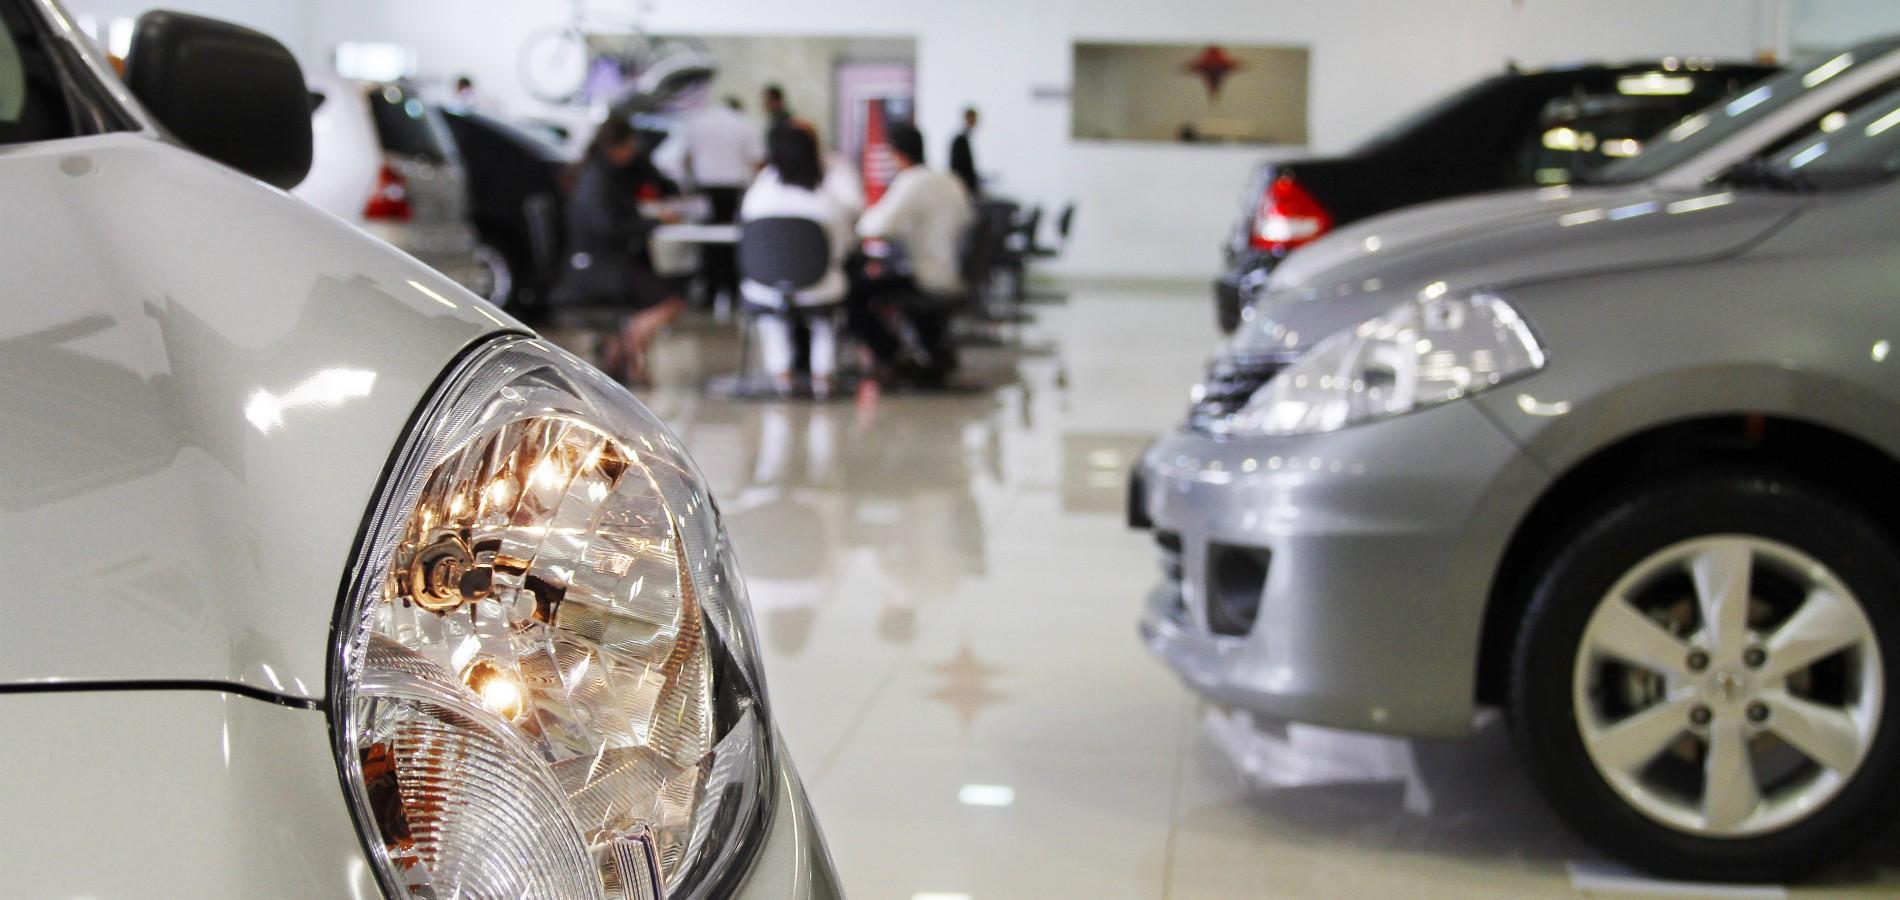 14,4 mil veículos foram 'financiados' no Piauí durante o terceiro trimestre